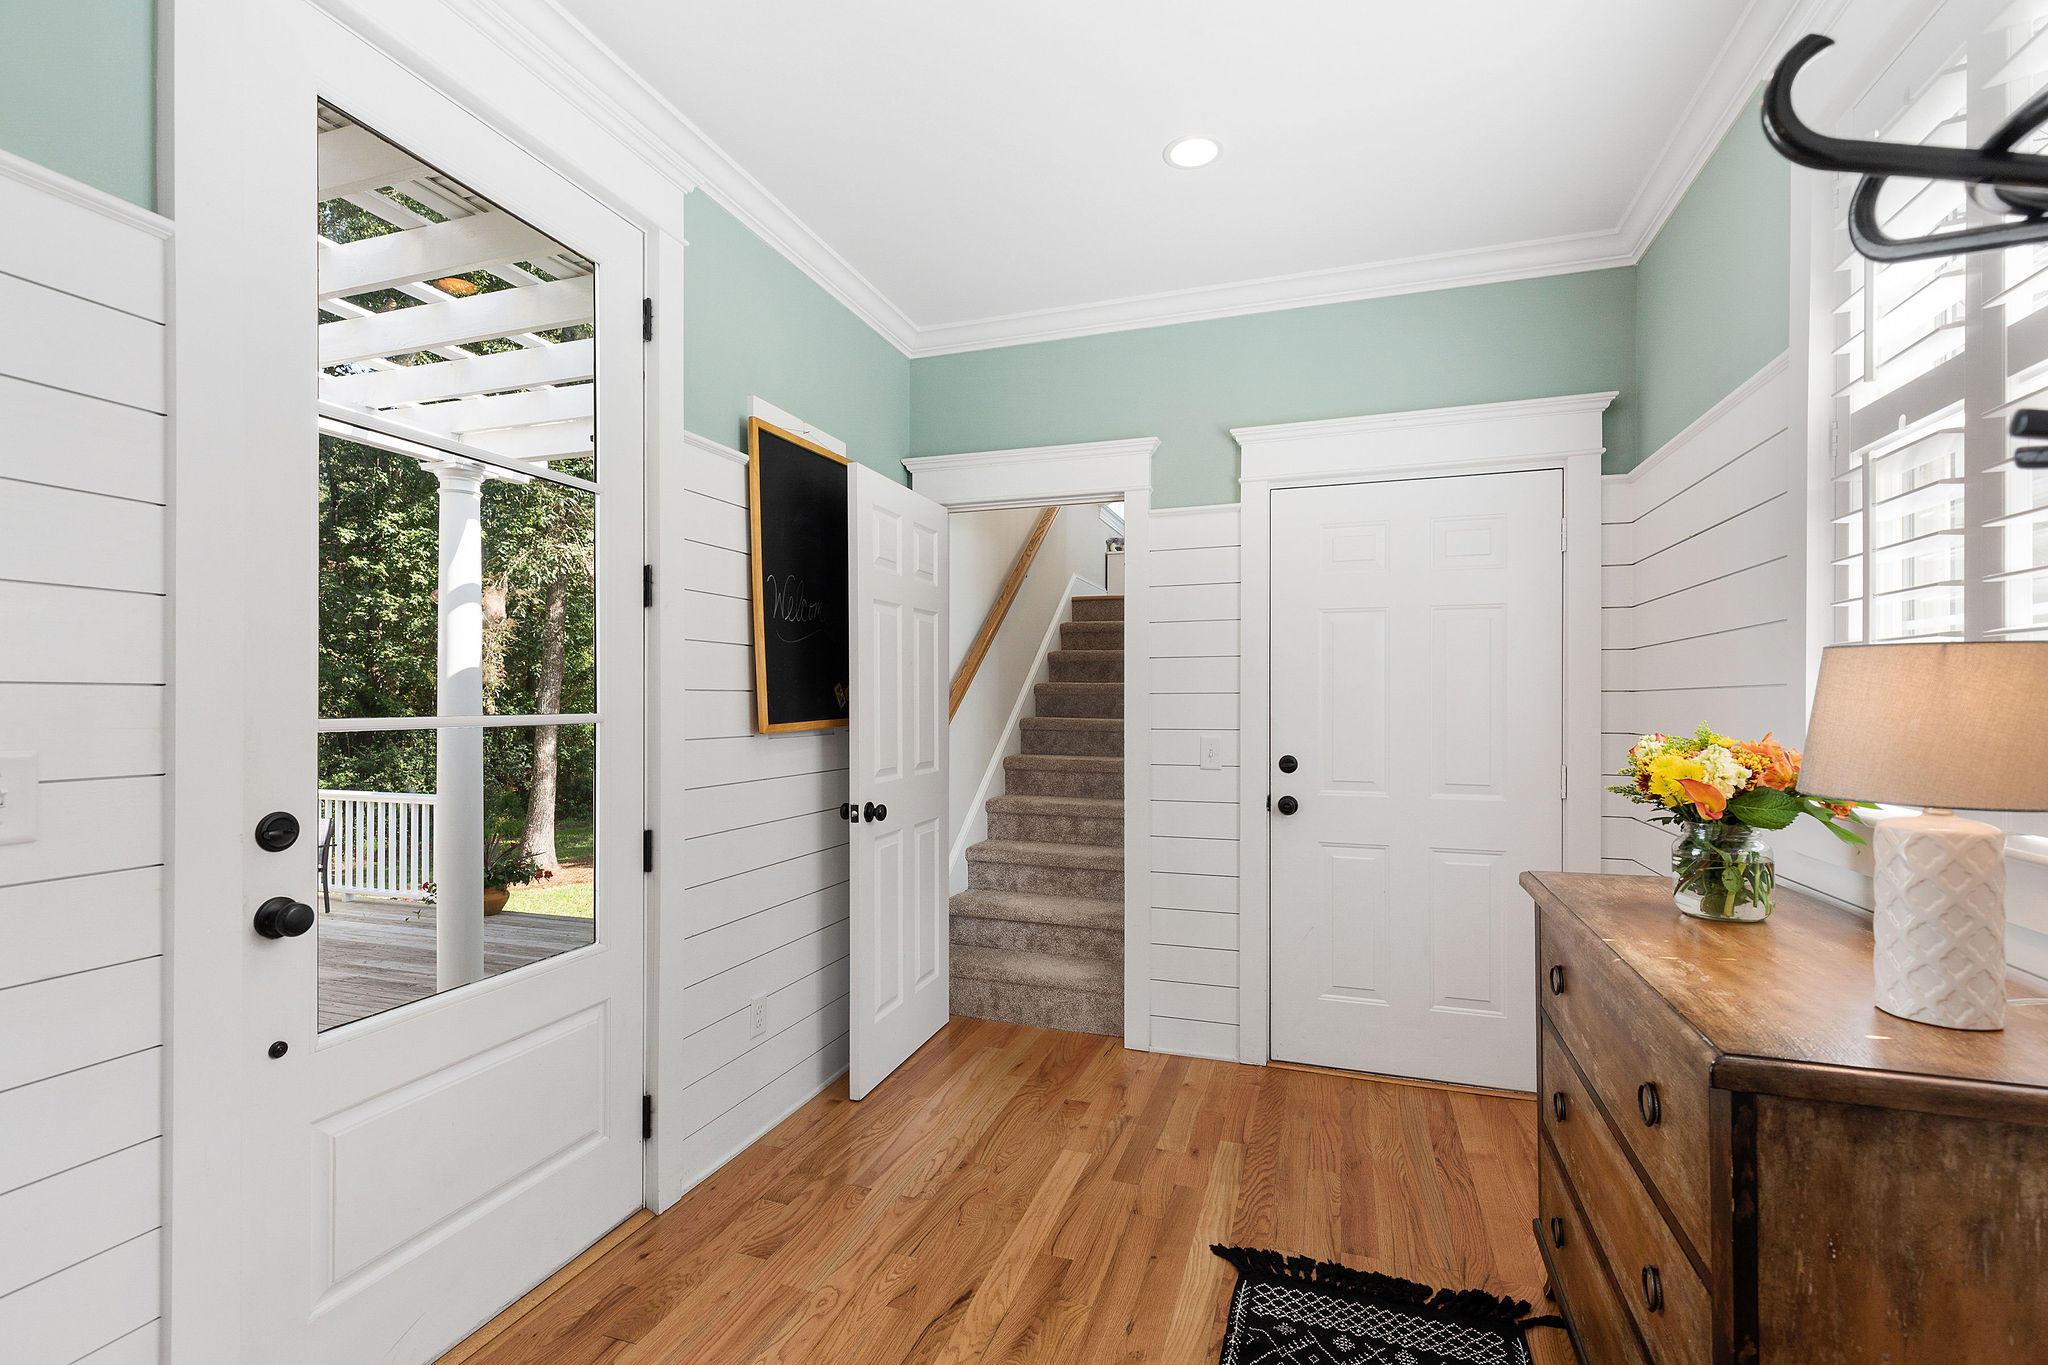 Dunes West Homes For Sale - 3201 Cottonfield, Mount Pleasant, SC - 26